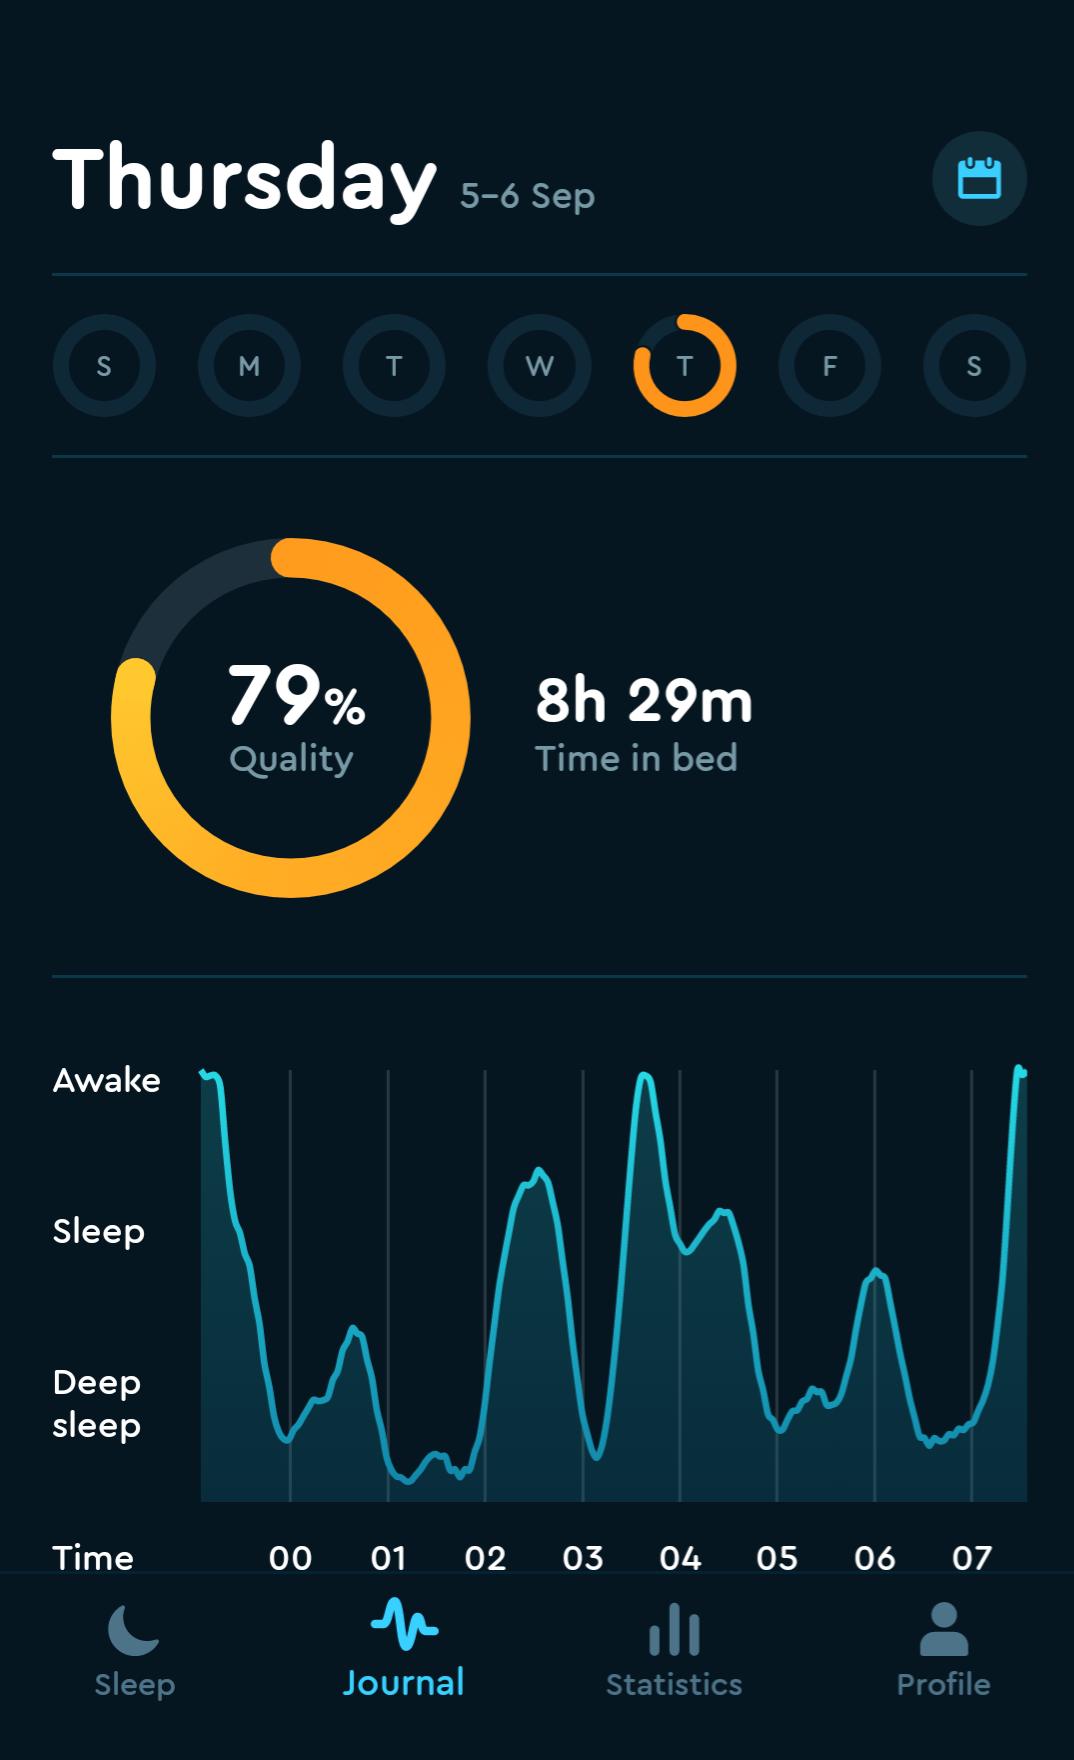 SleepCycle6 - Edited.png